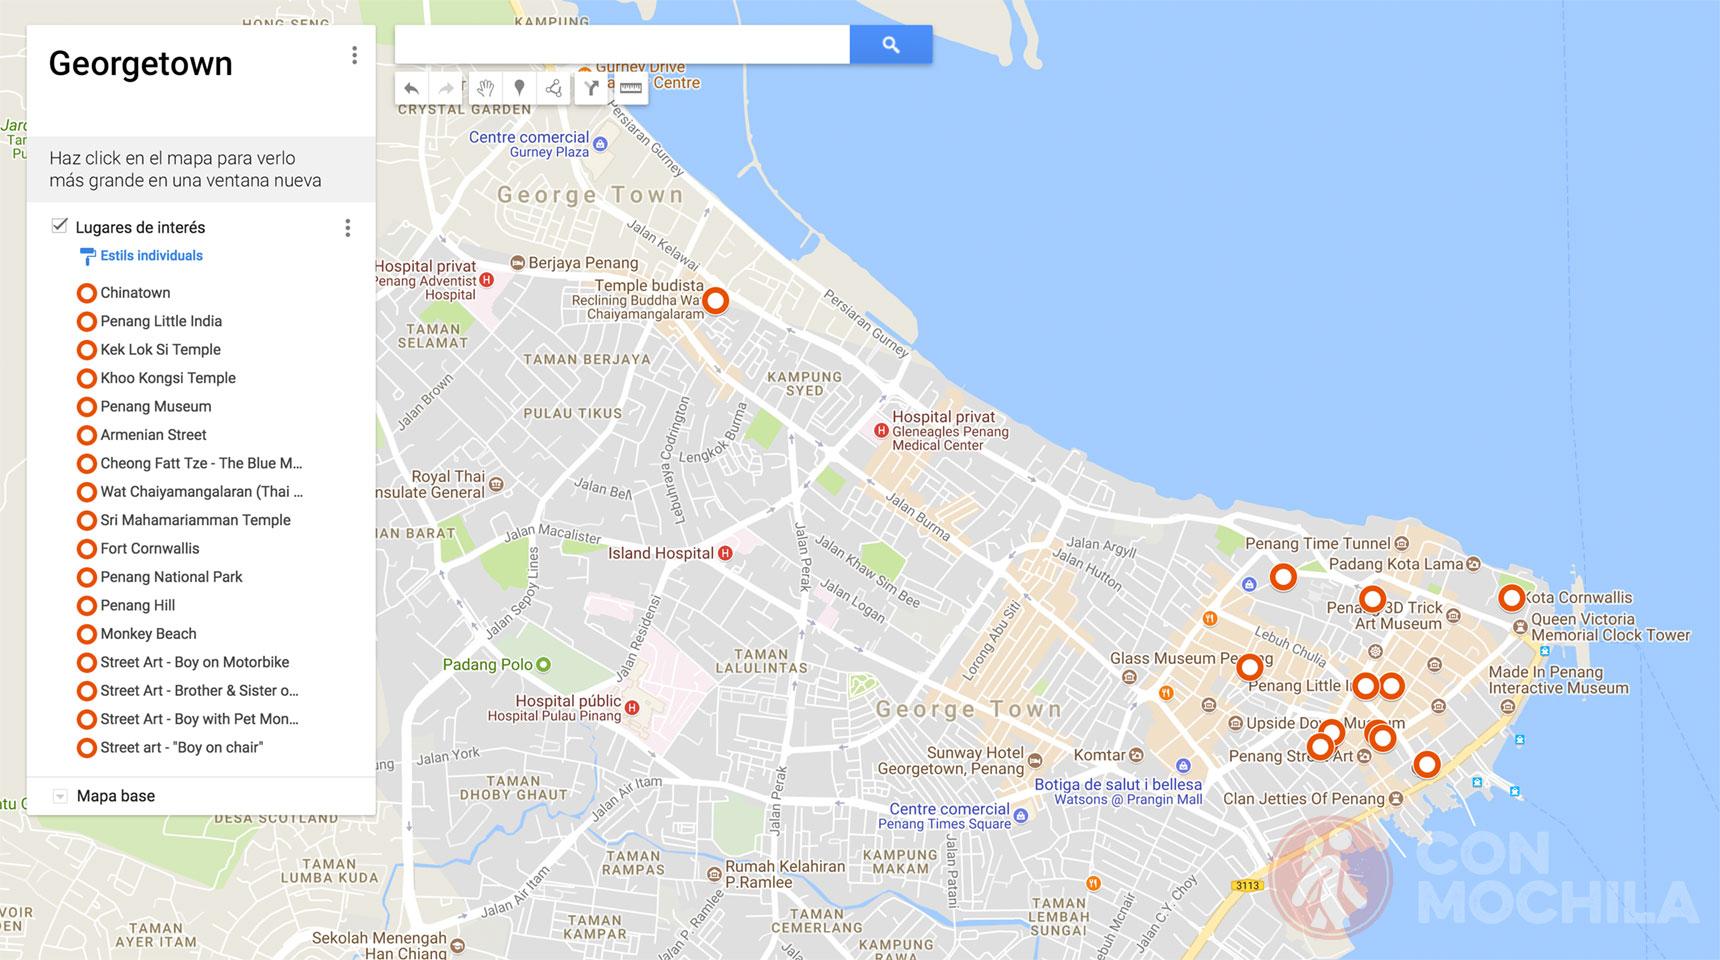 Mapa de Georgetown